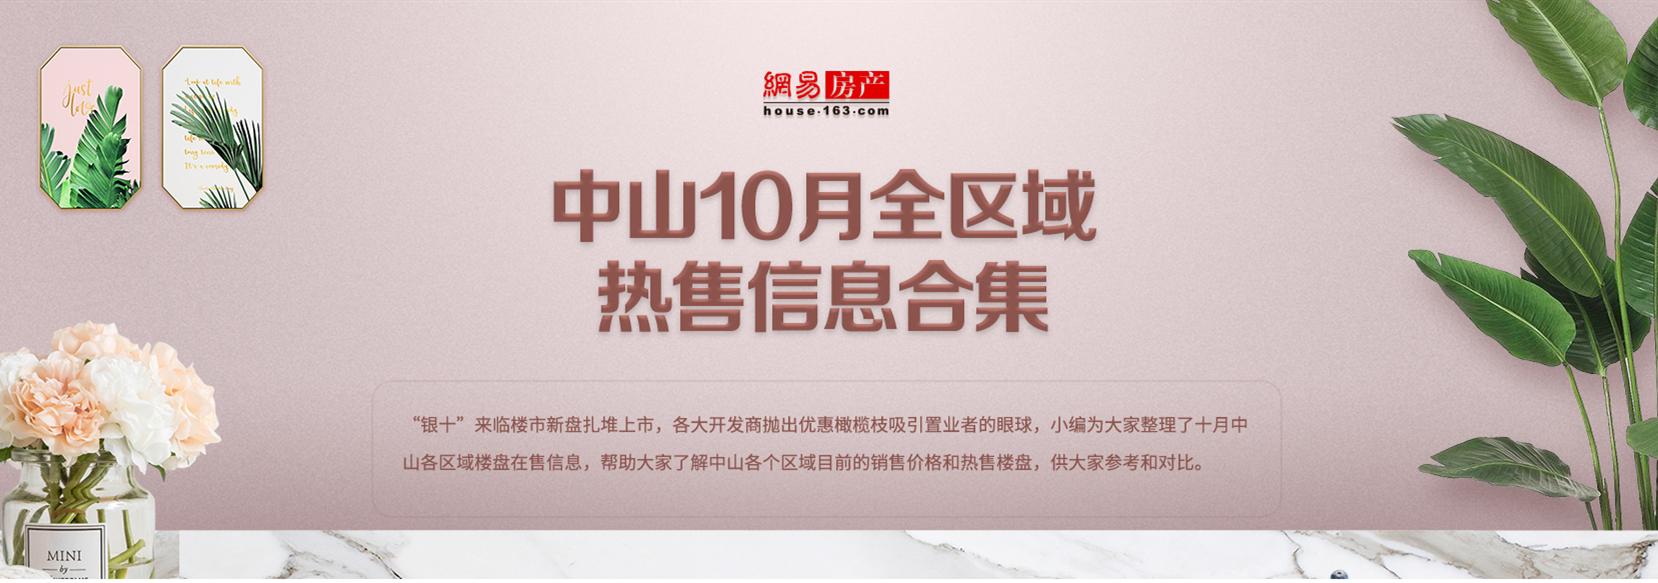 中山10月全区域楼盘热售信息合集